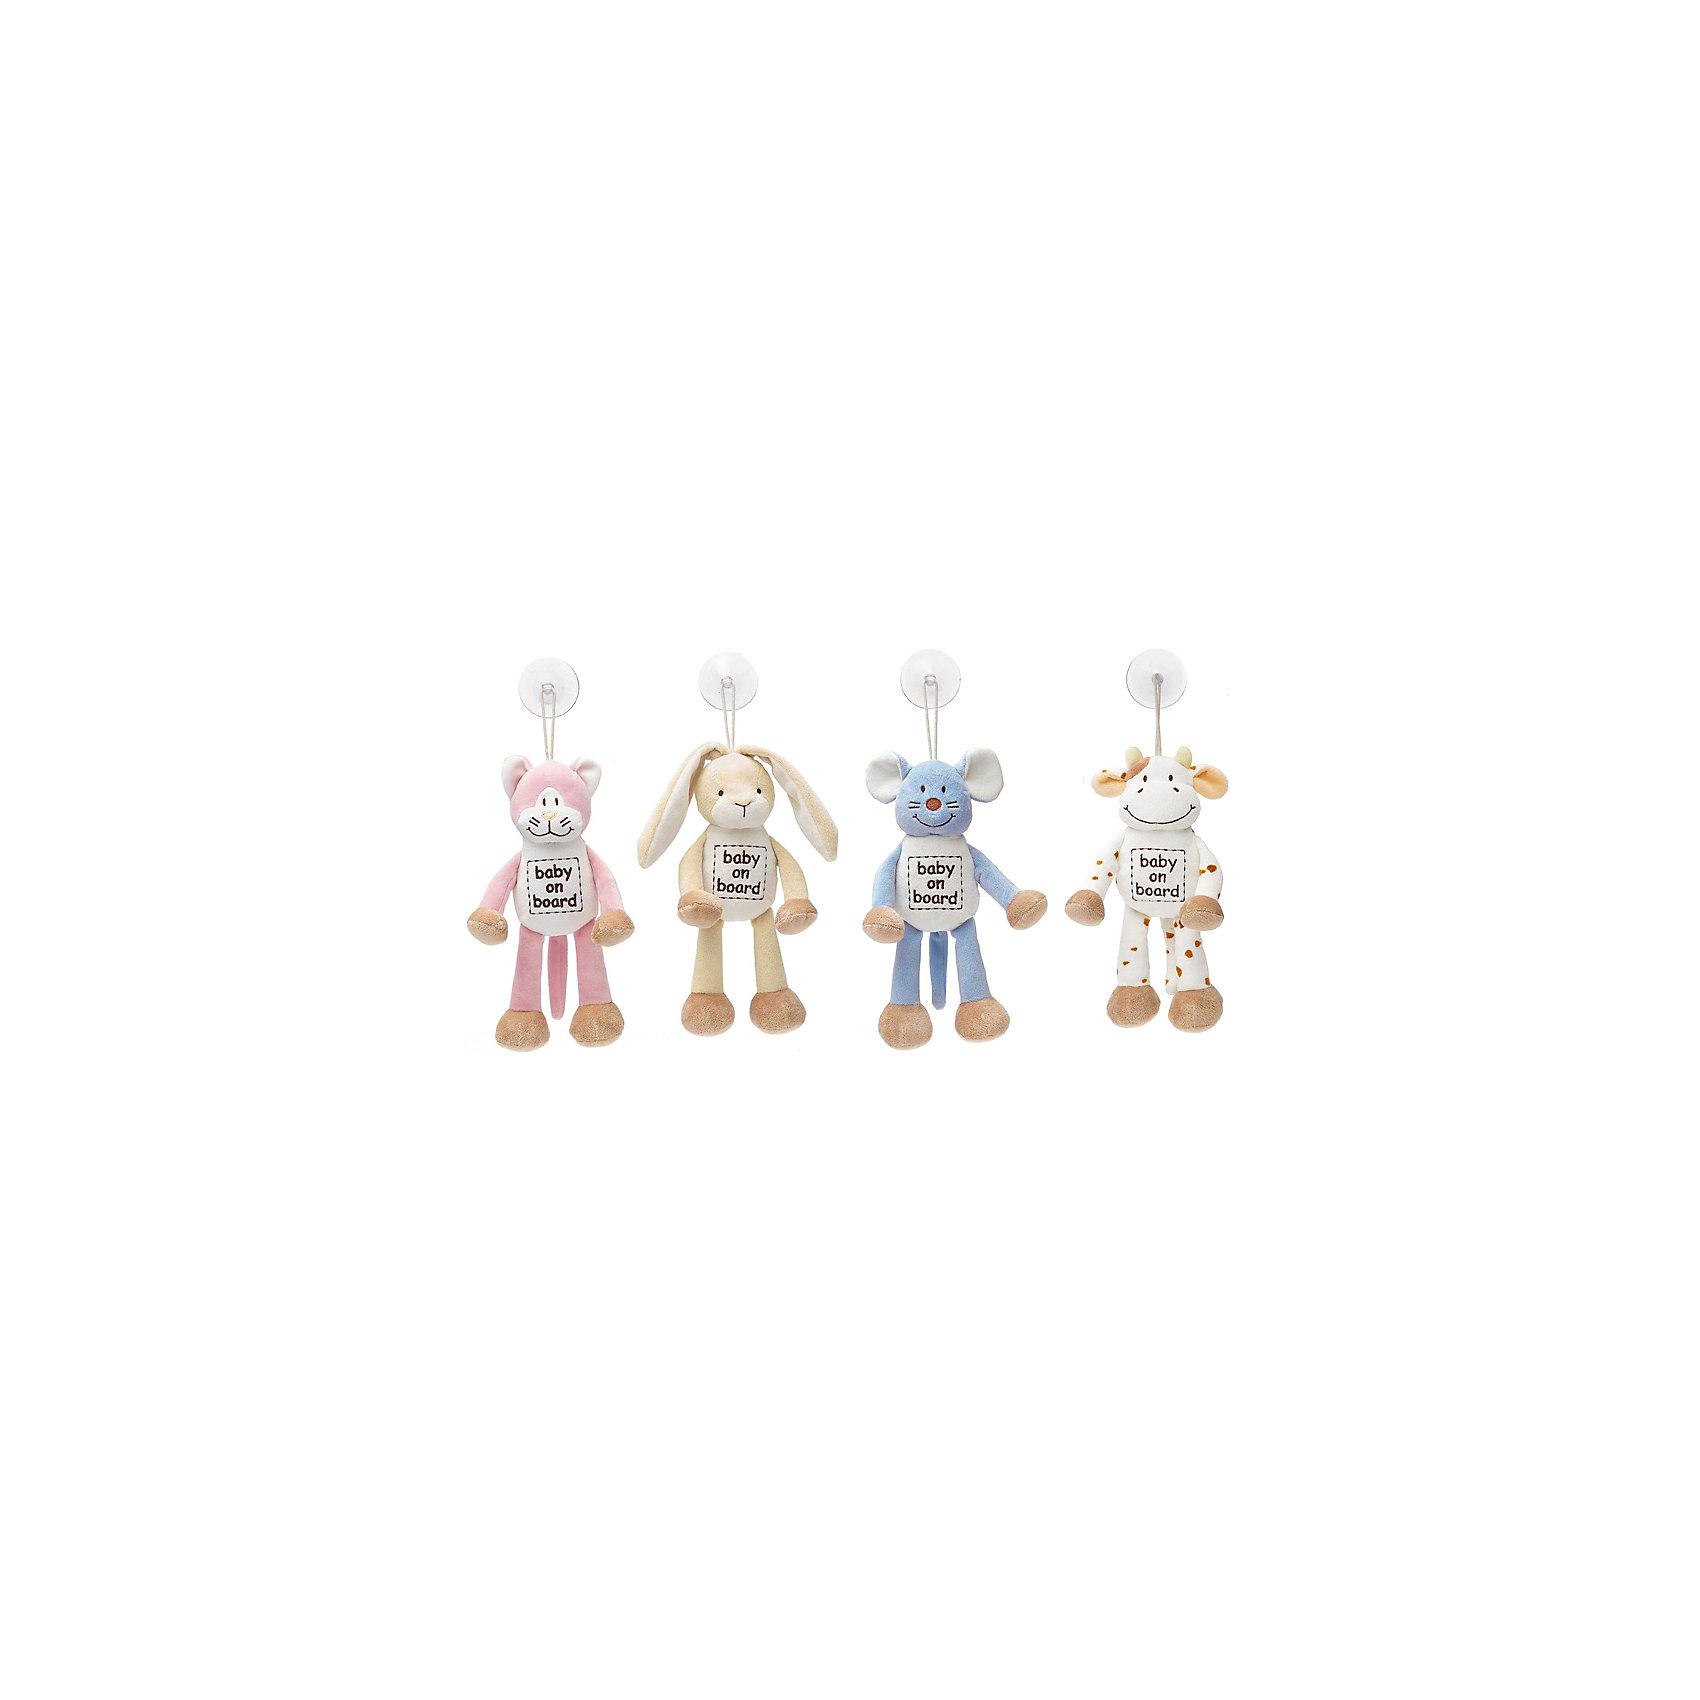 Знак Ребенок в машине Кот, ДинглисарХарактеристики мягкой игрушки Teddykompaniet: <br><br>• размер игрушки: 24 см;<br>• материал: 100% хлопок (безворсовый велюр);<br>• надпись: baby on board;<br>• серия: Динглисар;<br>• тип крепления: присоска.<br><br>Игрушка-знак «Кот» символизирует водителям: ребенок в машине. Мягкая игрушка-подвеска крепится к стеклу автомобиля с помощью присоски. Игрушка выполнена из гипоаллергенного материала, внутри мягкий наполнитель. <br><br>Знак Ребенок в машине Кот, Динглисар можно купить в нашем интернет-магазине.<br><br>Ширина мм: 50<br>Глубина мм: 100<br>Высота мм: 100<br>Вес г: 20<br>Возраст от месяцев: 0<br>Возраст до месяцев: 12<br>Пол: Женский<br>Возраст: Детский<br>SKU: 5219507